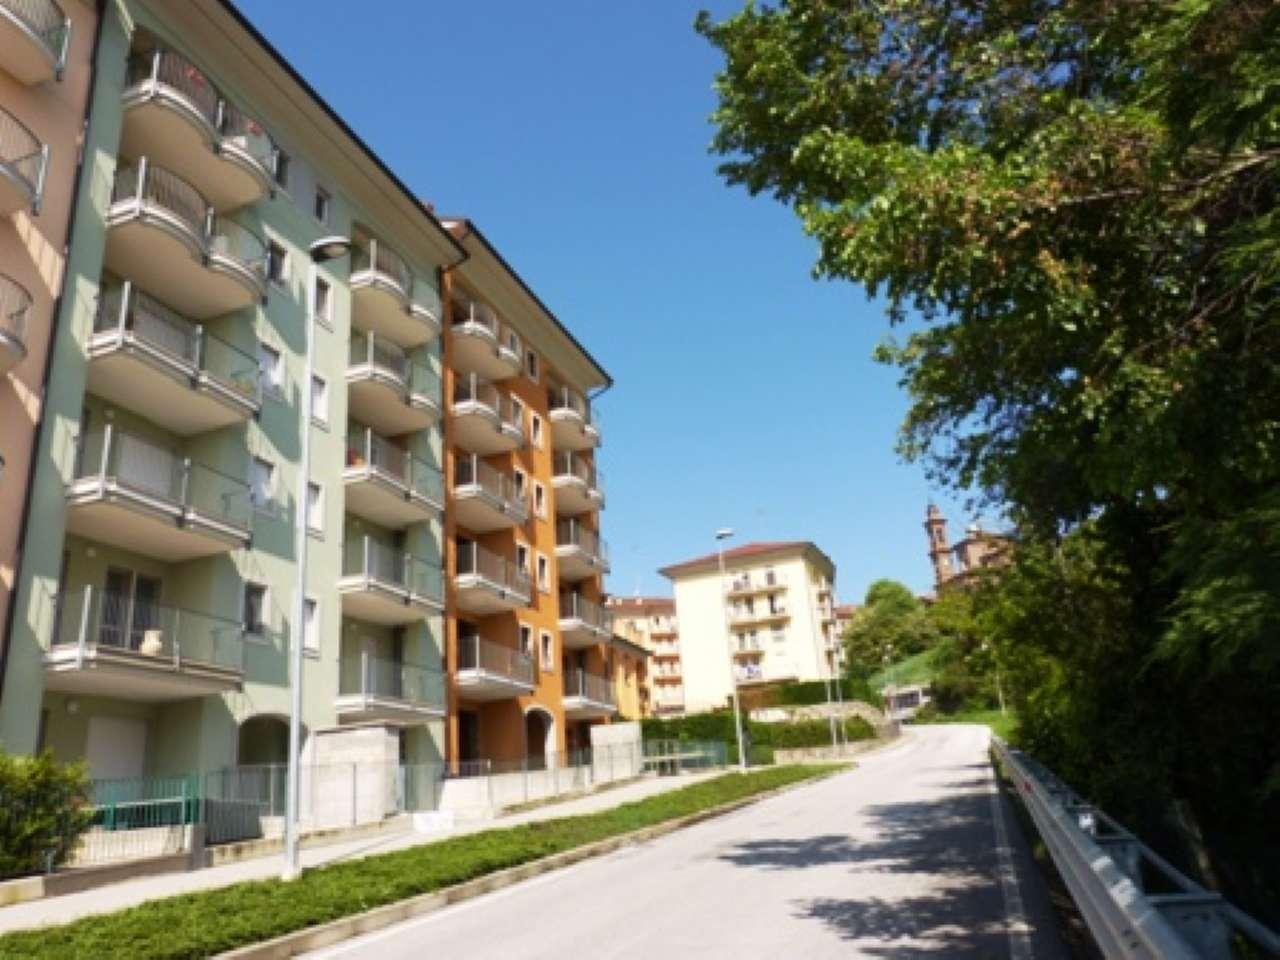 Appartamento in vendita a Fossano, 3 locali, prezzo € 138.000 | CambioCasa.it